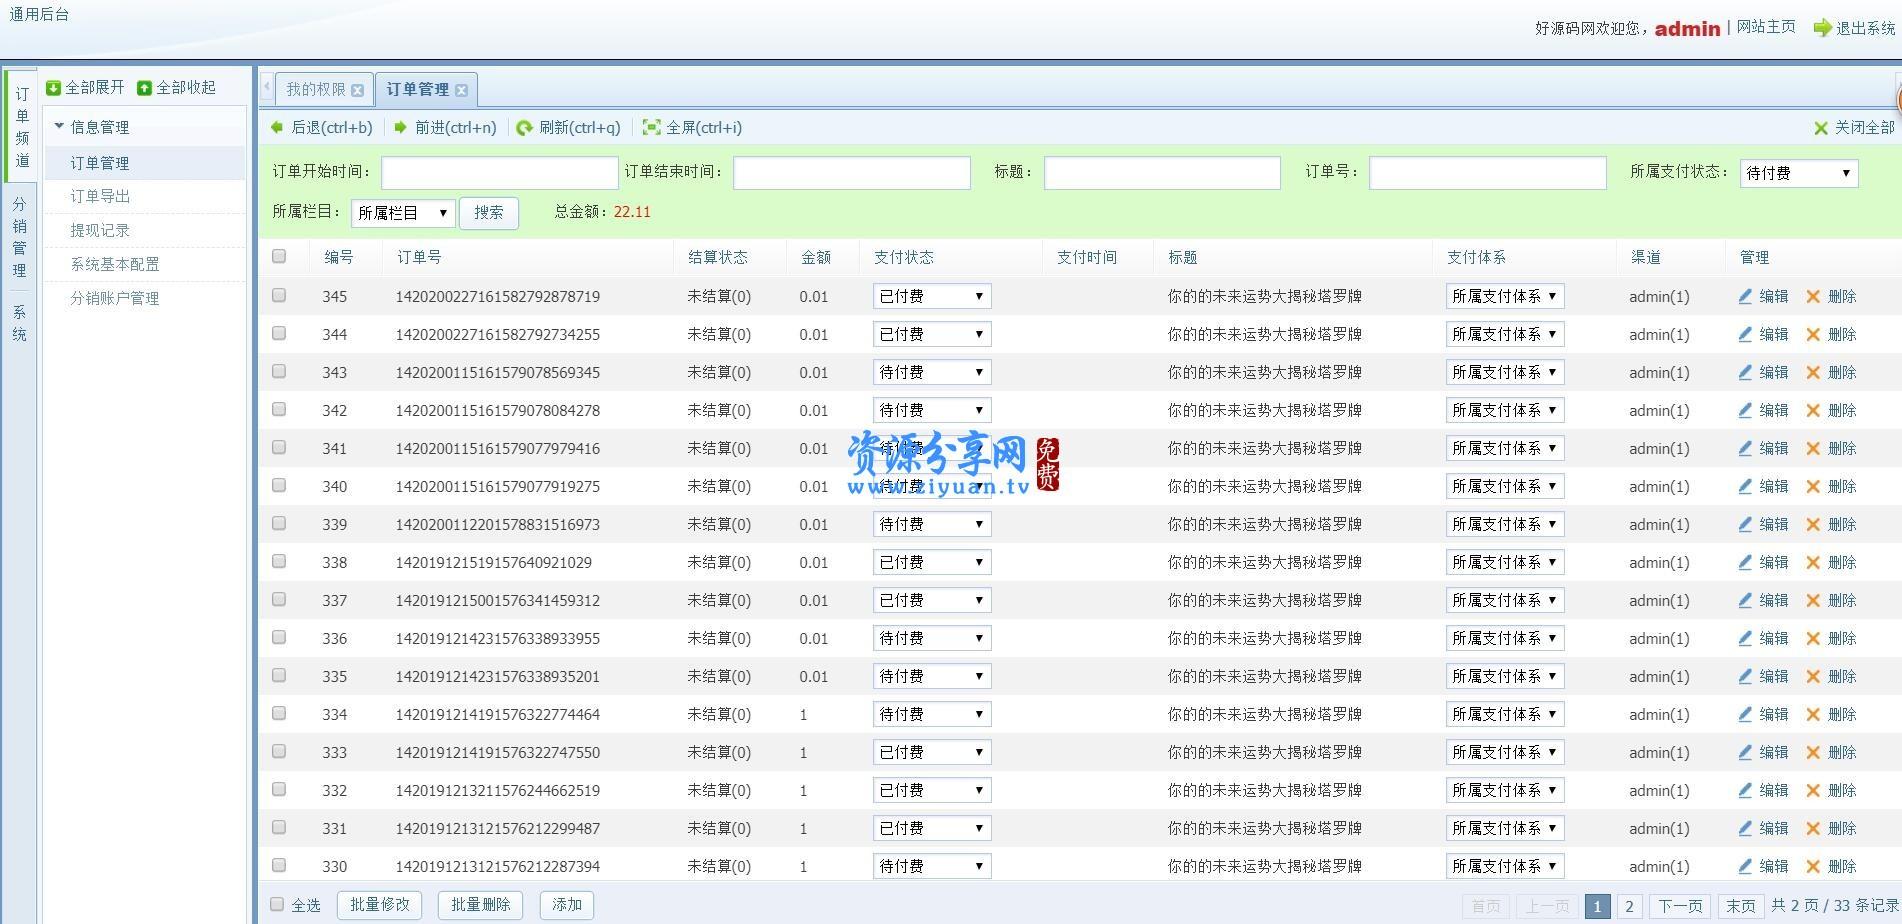 最终完善版 PHP 塔罗牌风水占卜源码 对接支付